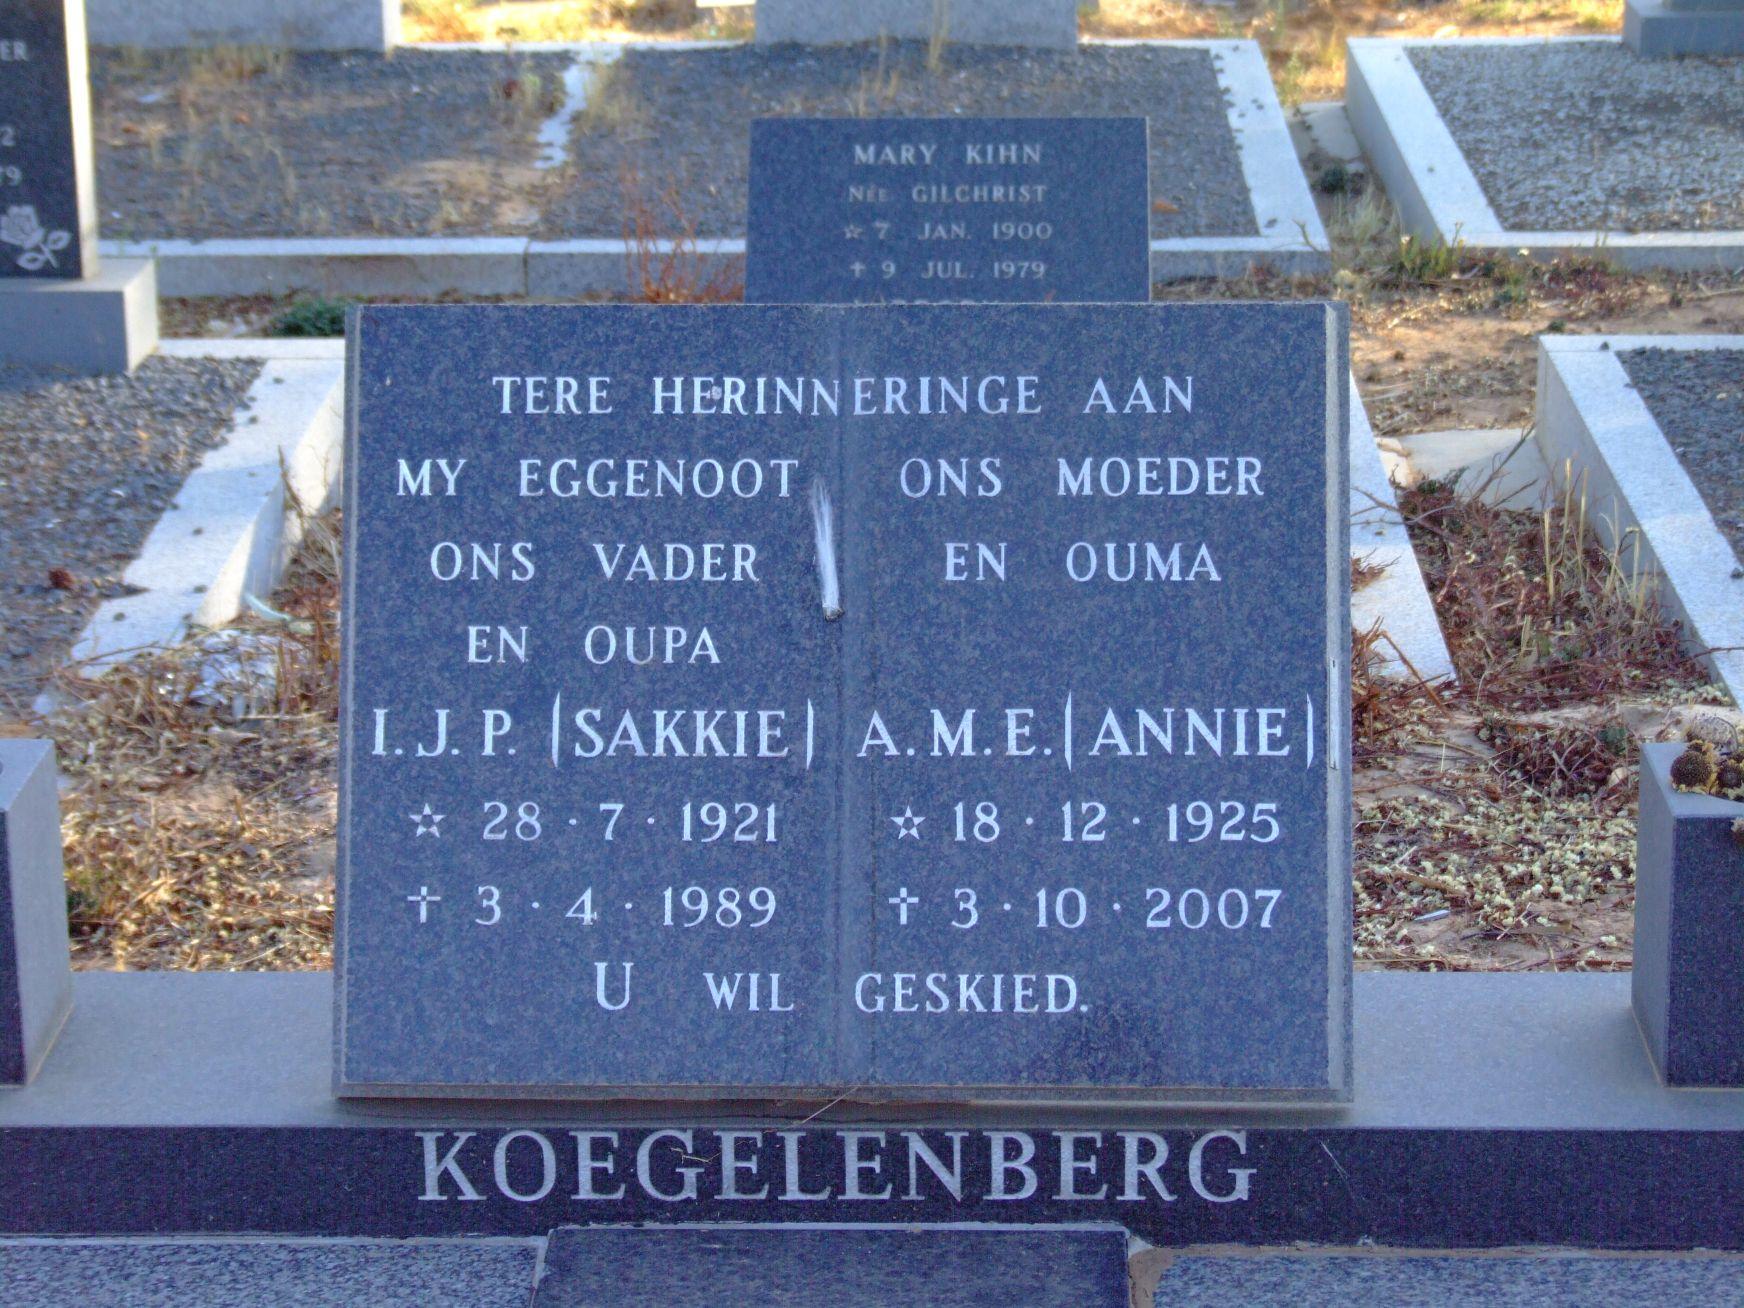 Koegelenberg, I. J. P. + Koegelenberg, A. M. E.